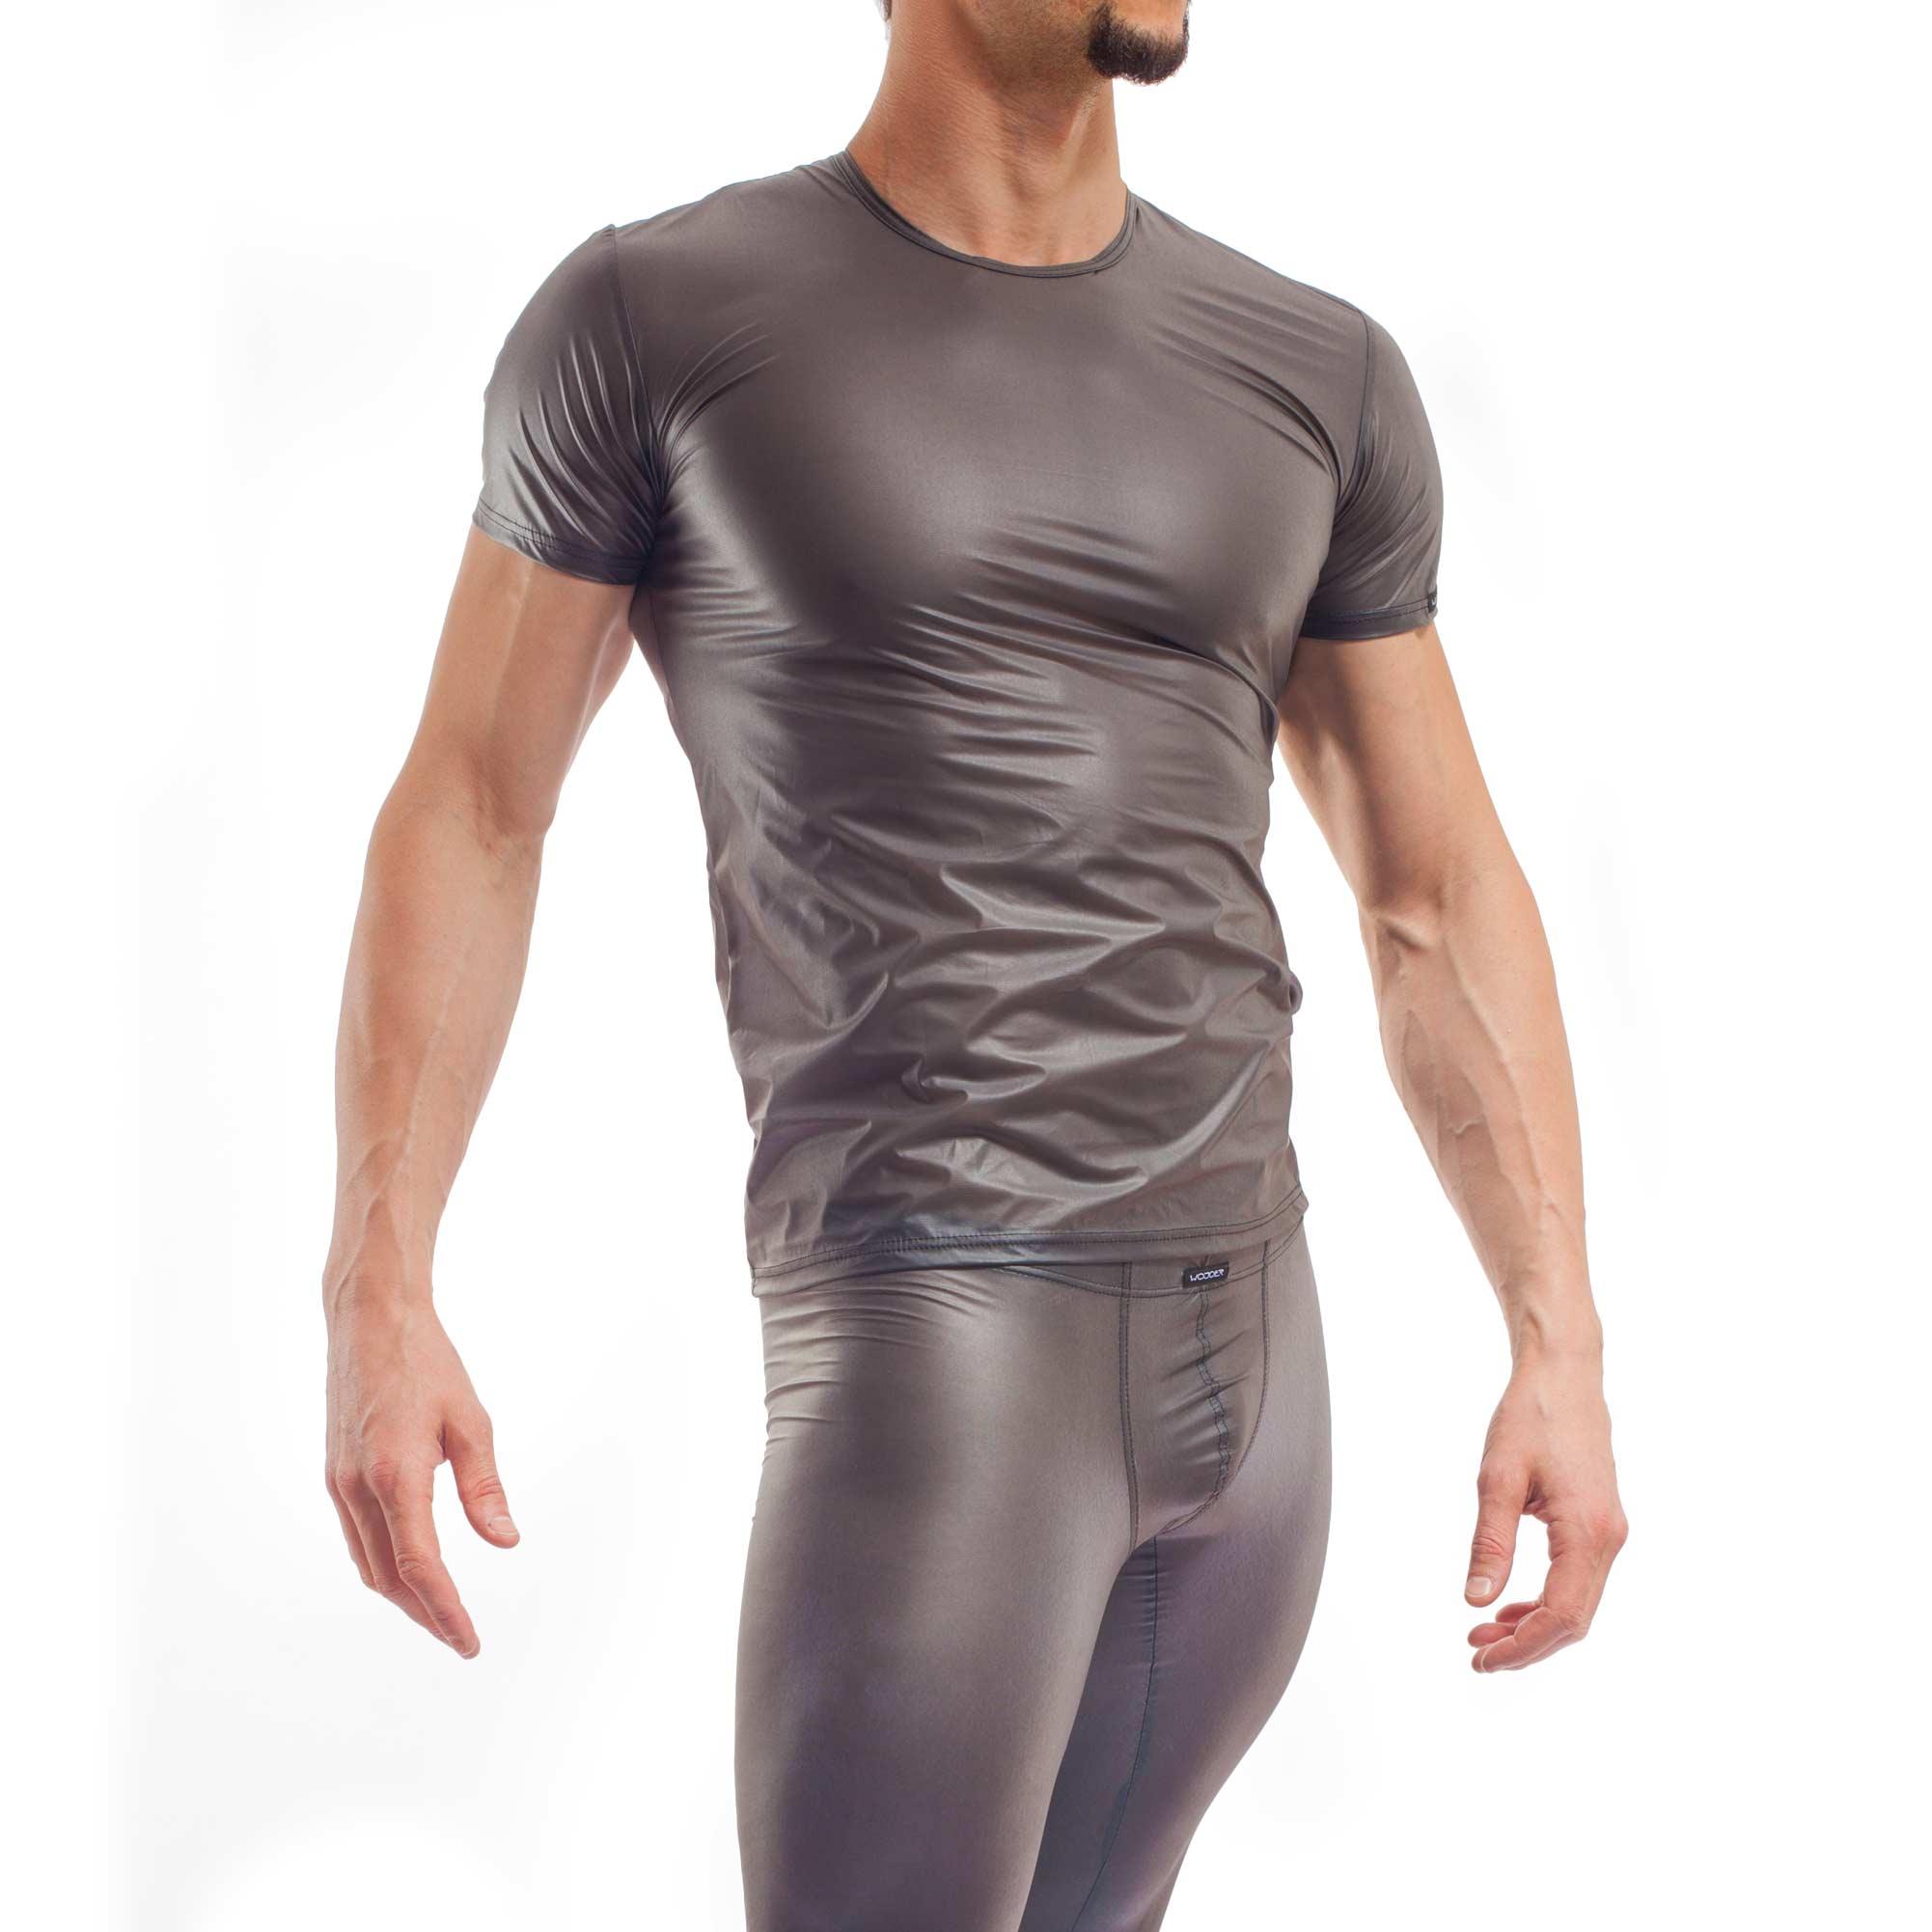 FunXtion schwarz, Synthetischer Latex Shirt, Gummi, transparent, Shirt